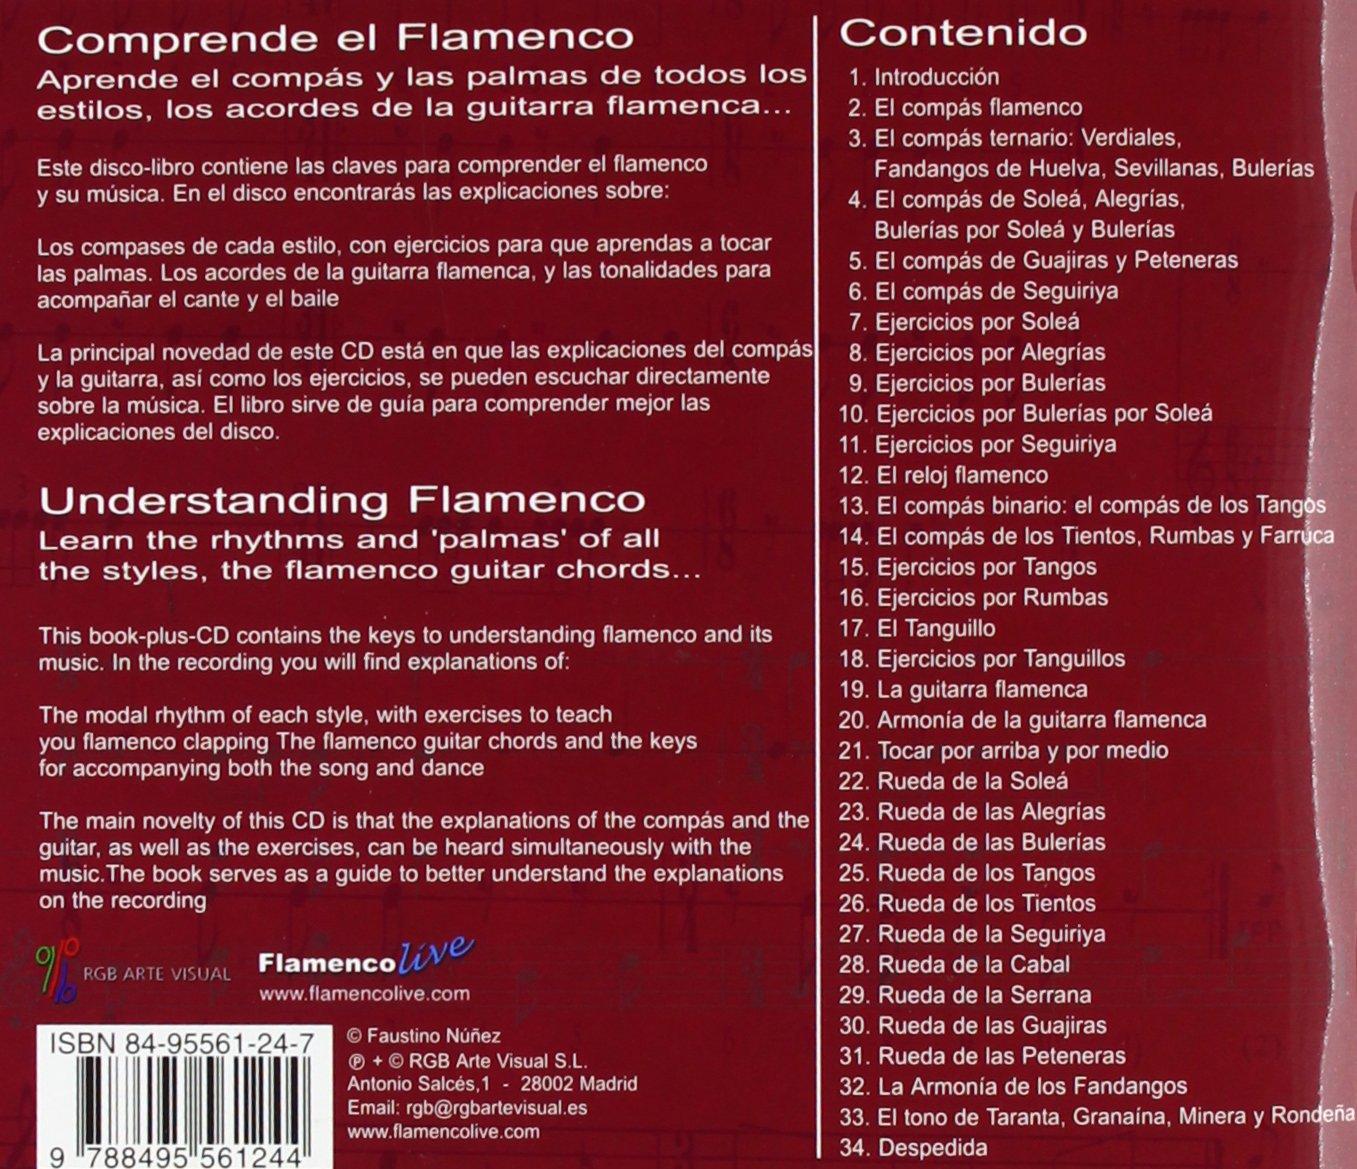 Comprende El Flamenco : Faustino Núñez: Amazon.es: Música